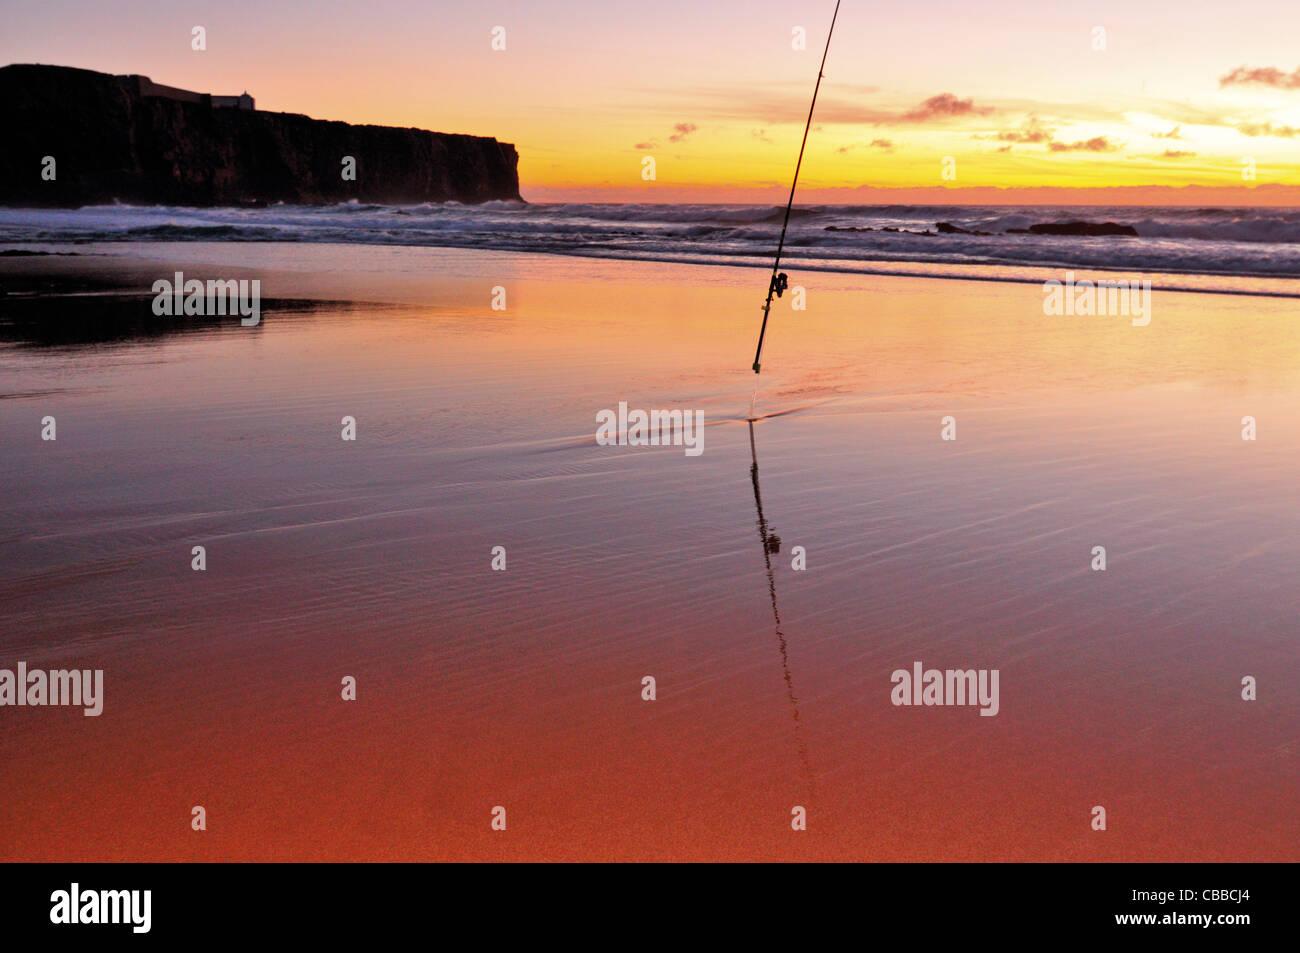 Portugal, Algarve: Sundown at beach Praia do Tonel in Sagres Stock Photo